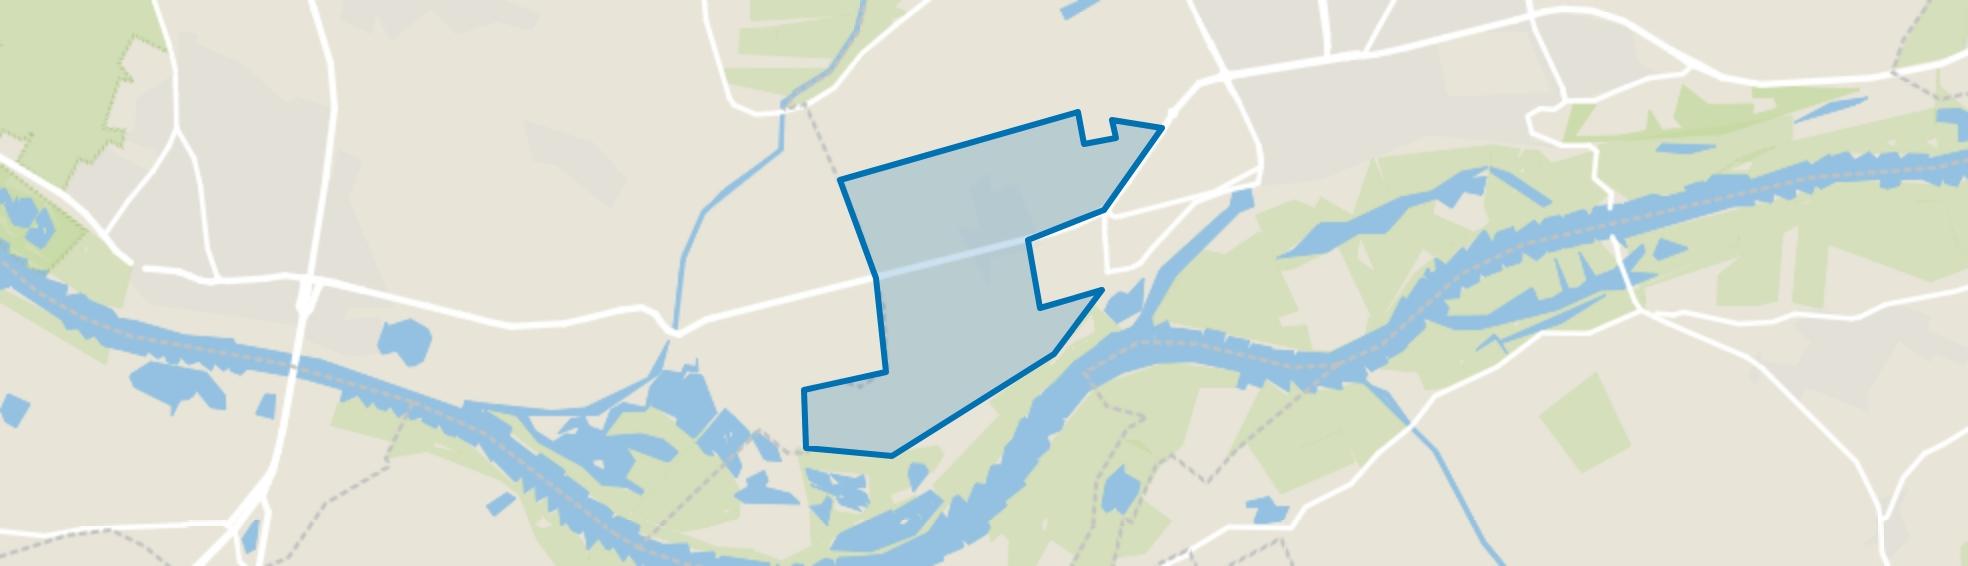 Oude Nude, Wageningen map